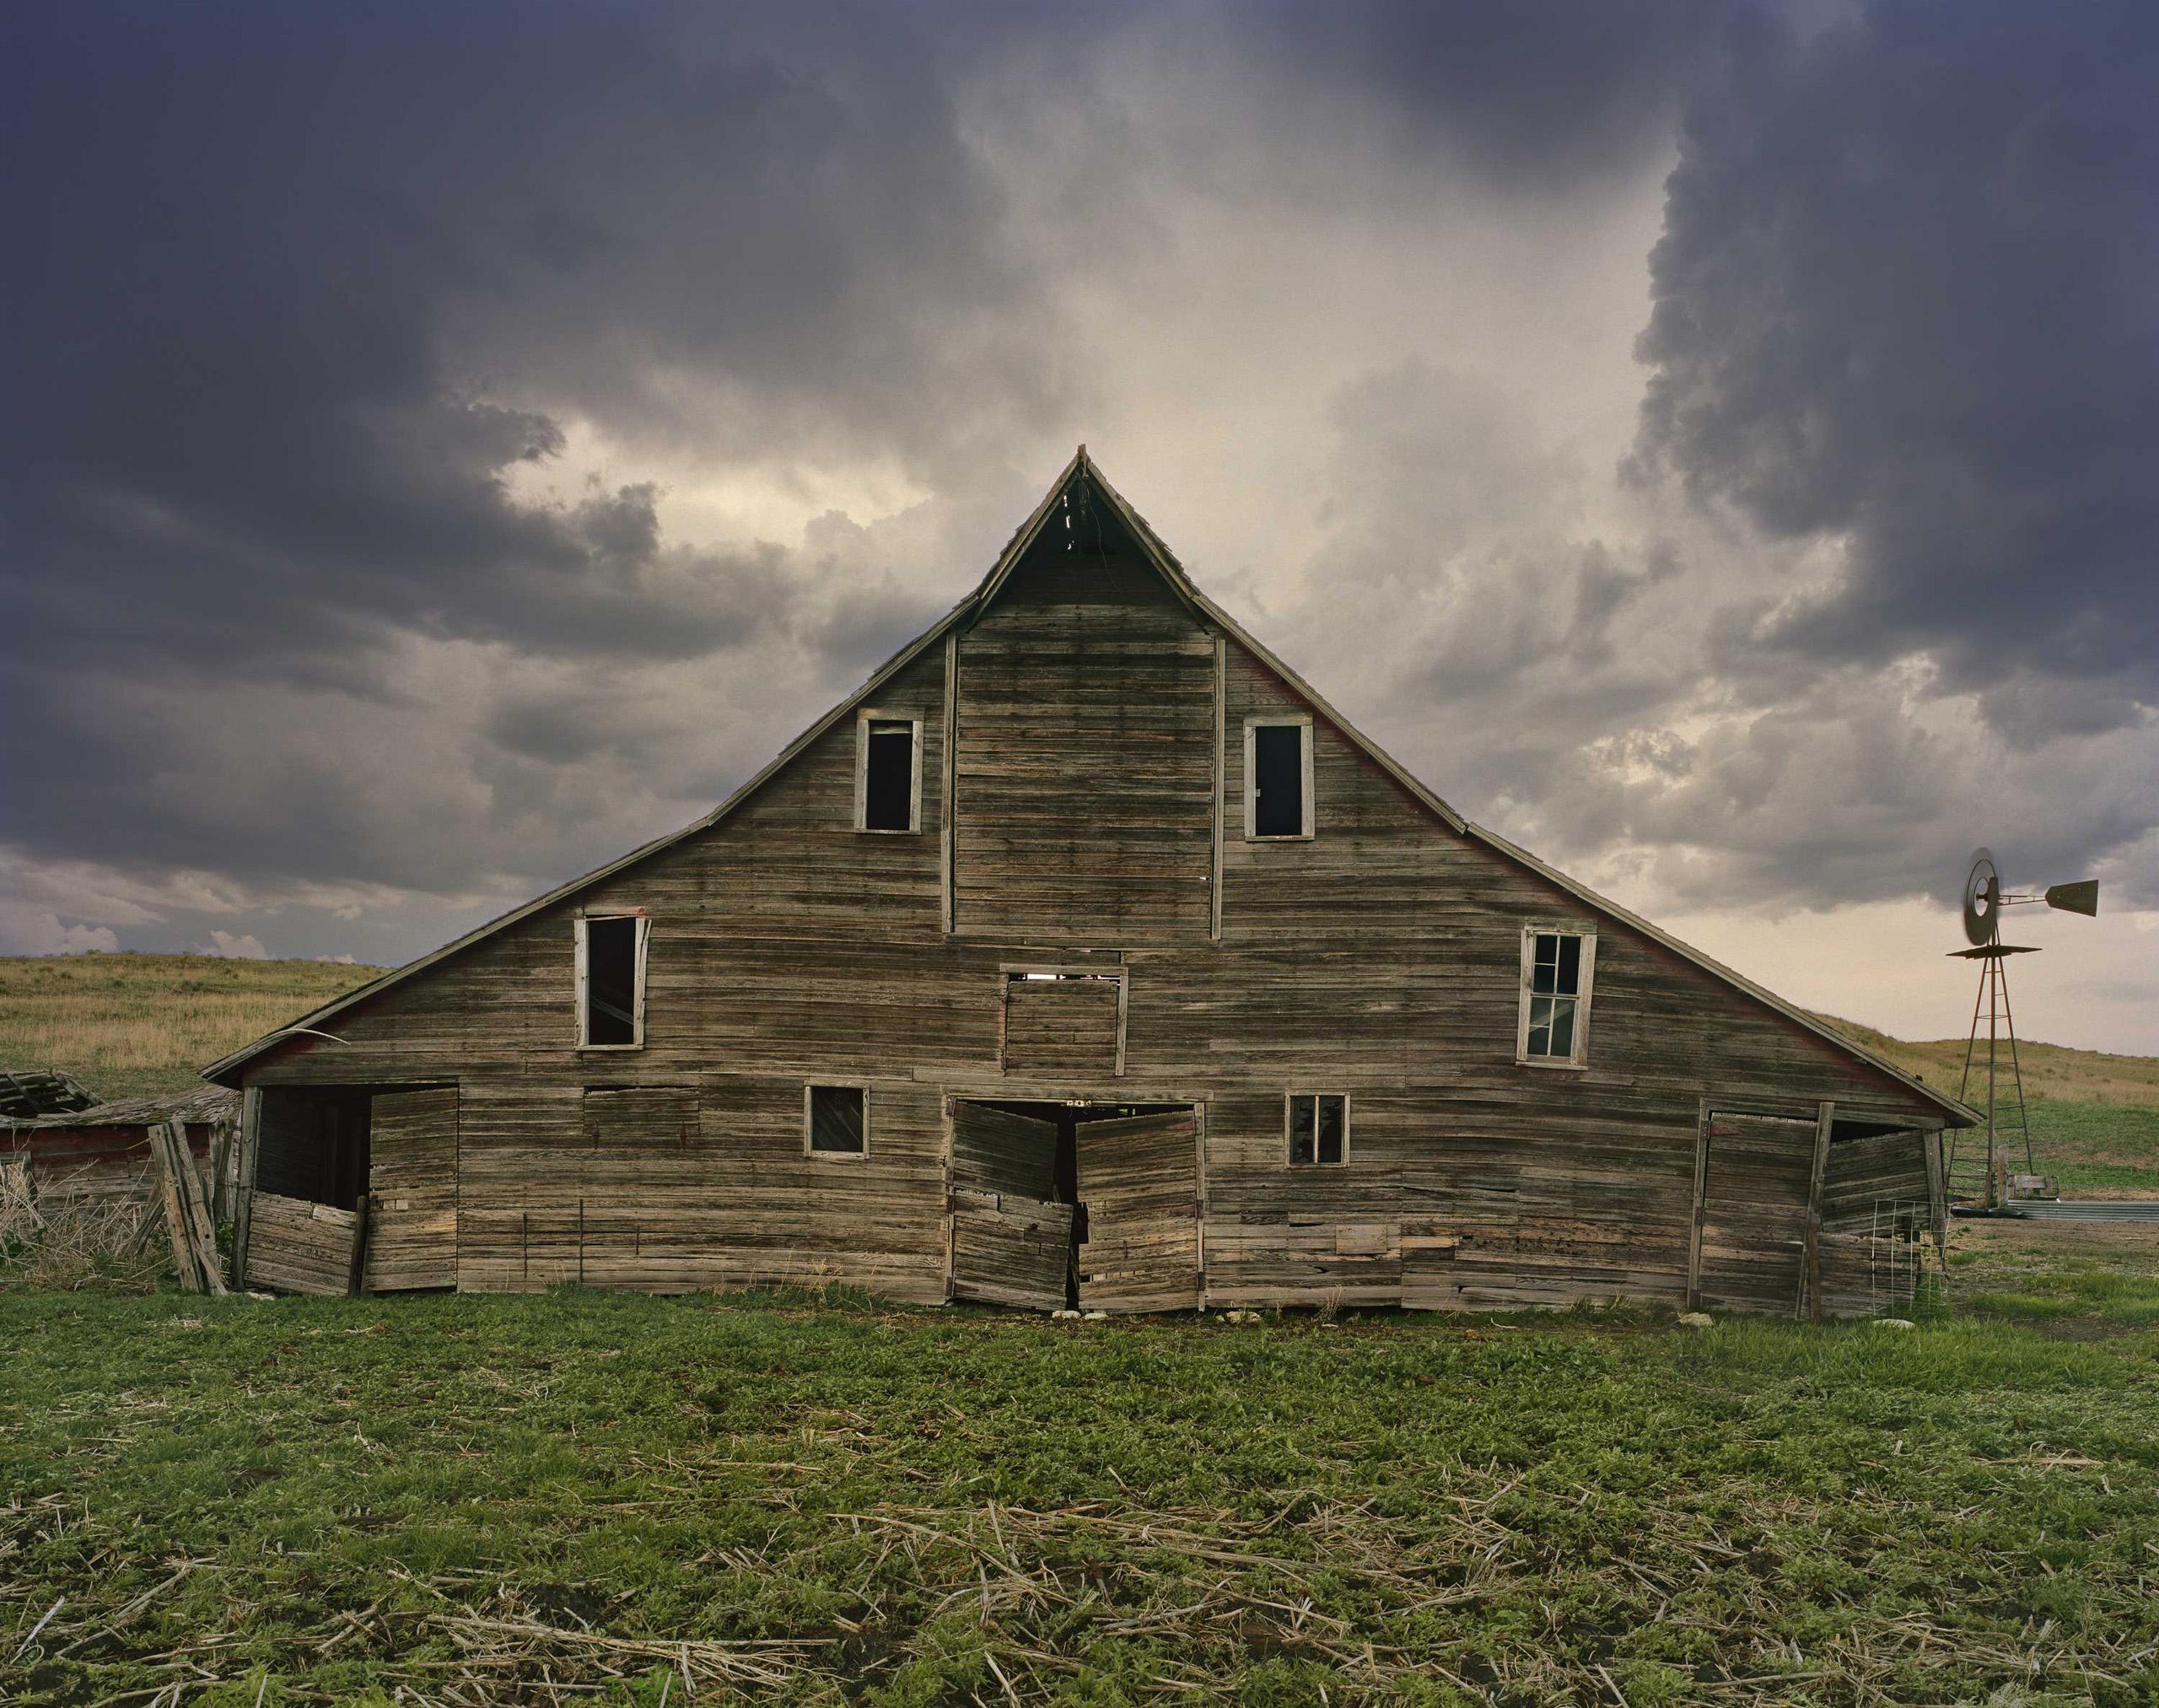 Cash Meier Barn. Shadbolt Ranch, Cherry County, Nebraska, 2012.